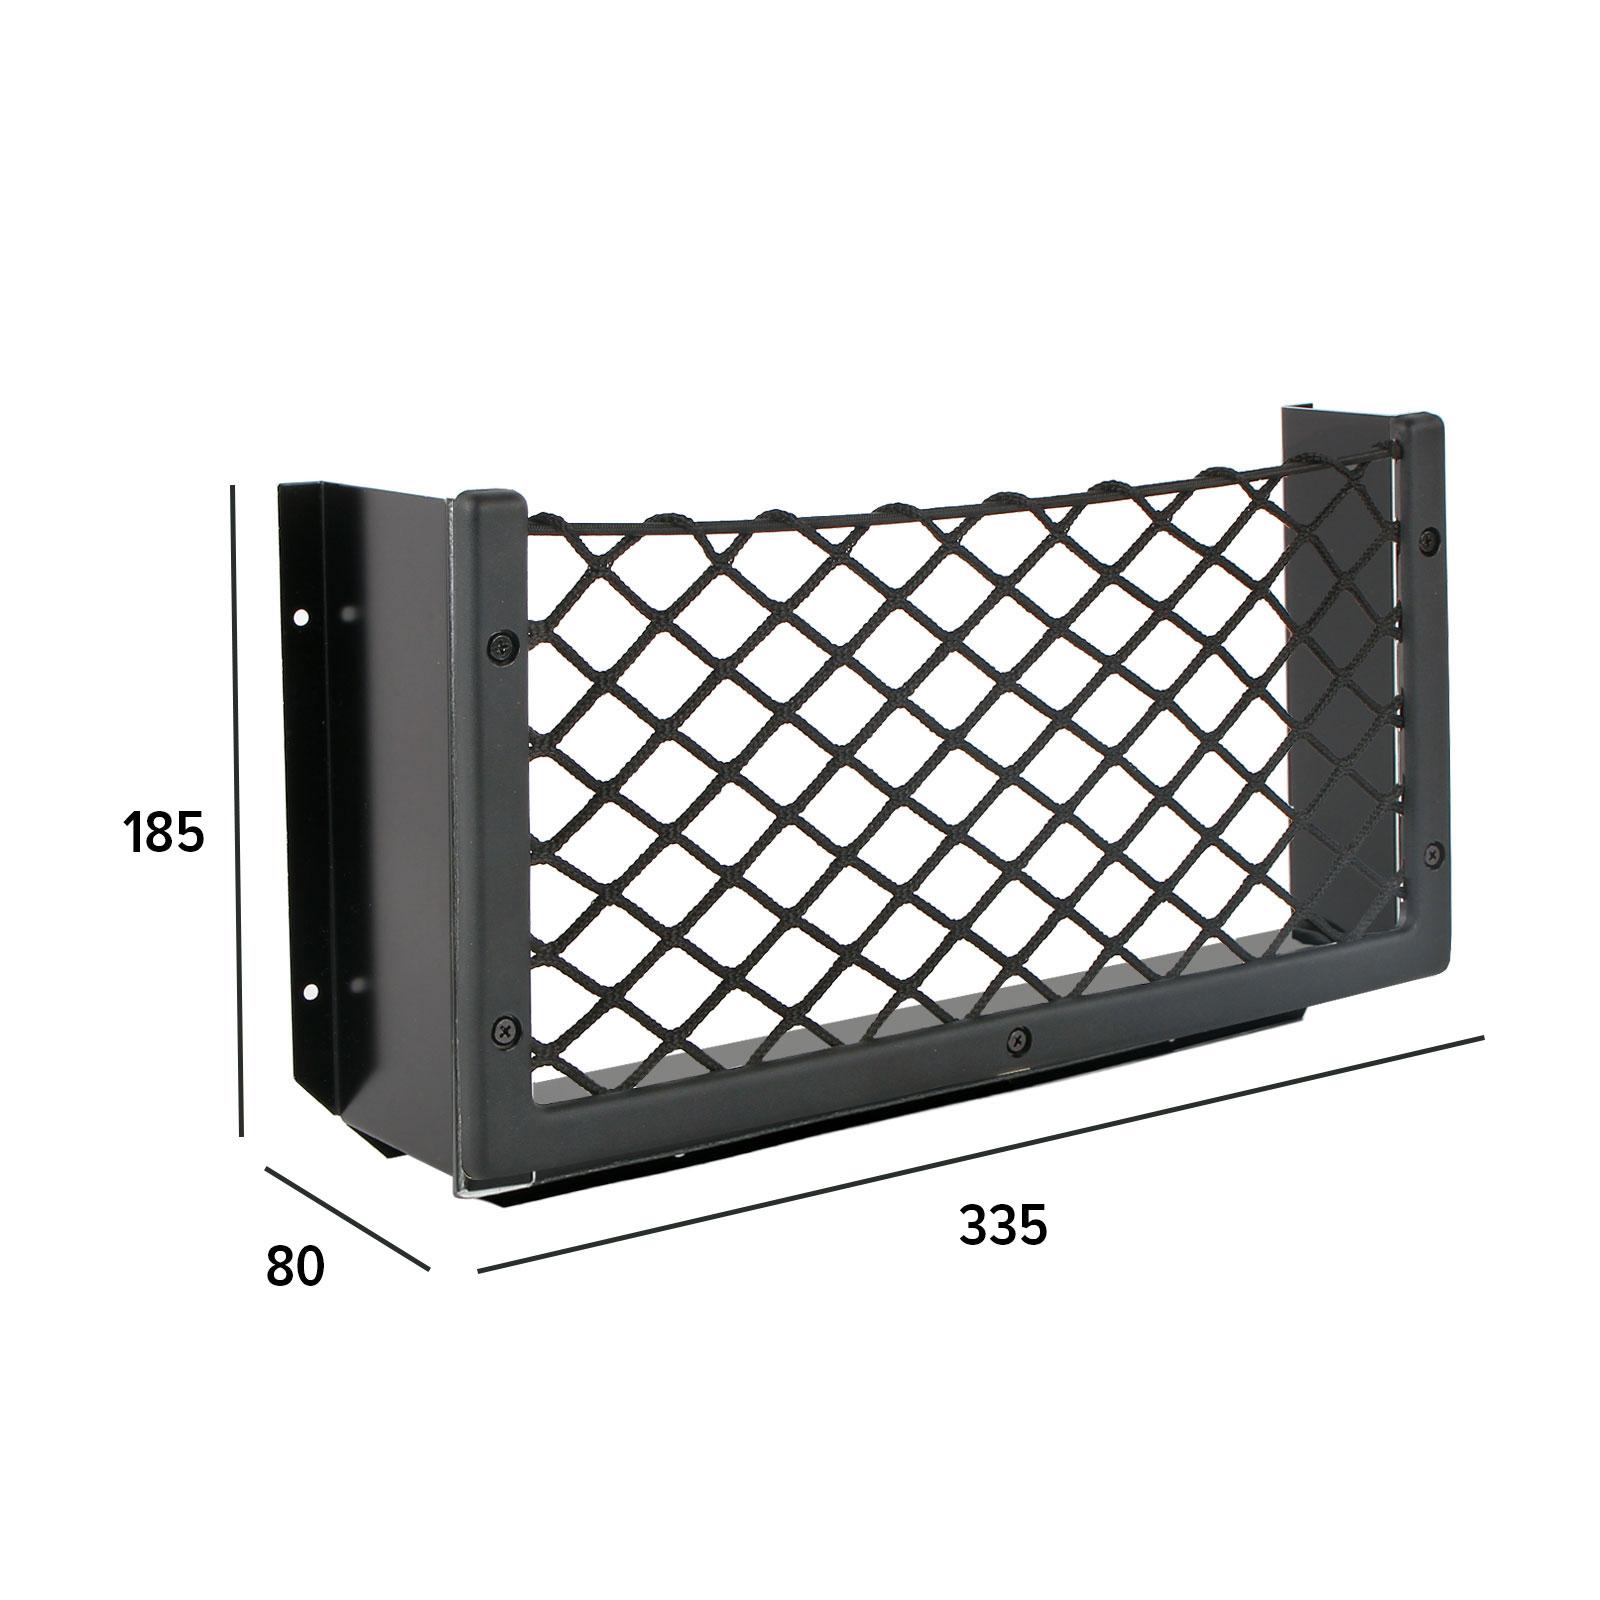 Netzablagefach S 302 x 169 mm x 80 mm + Abstandshalter